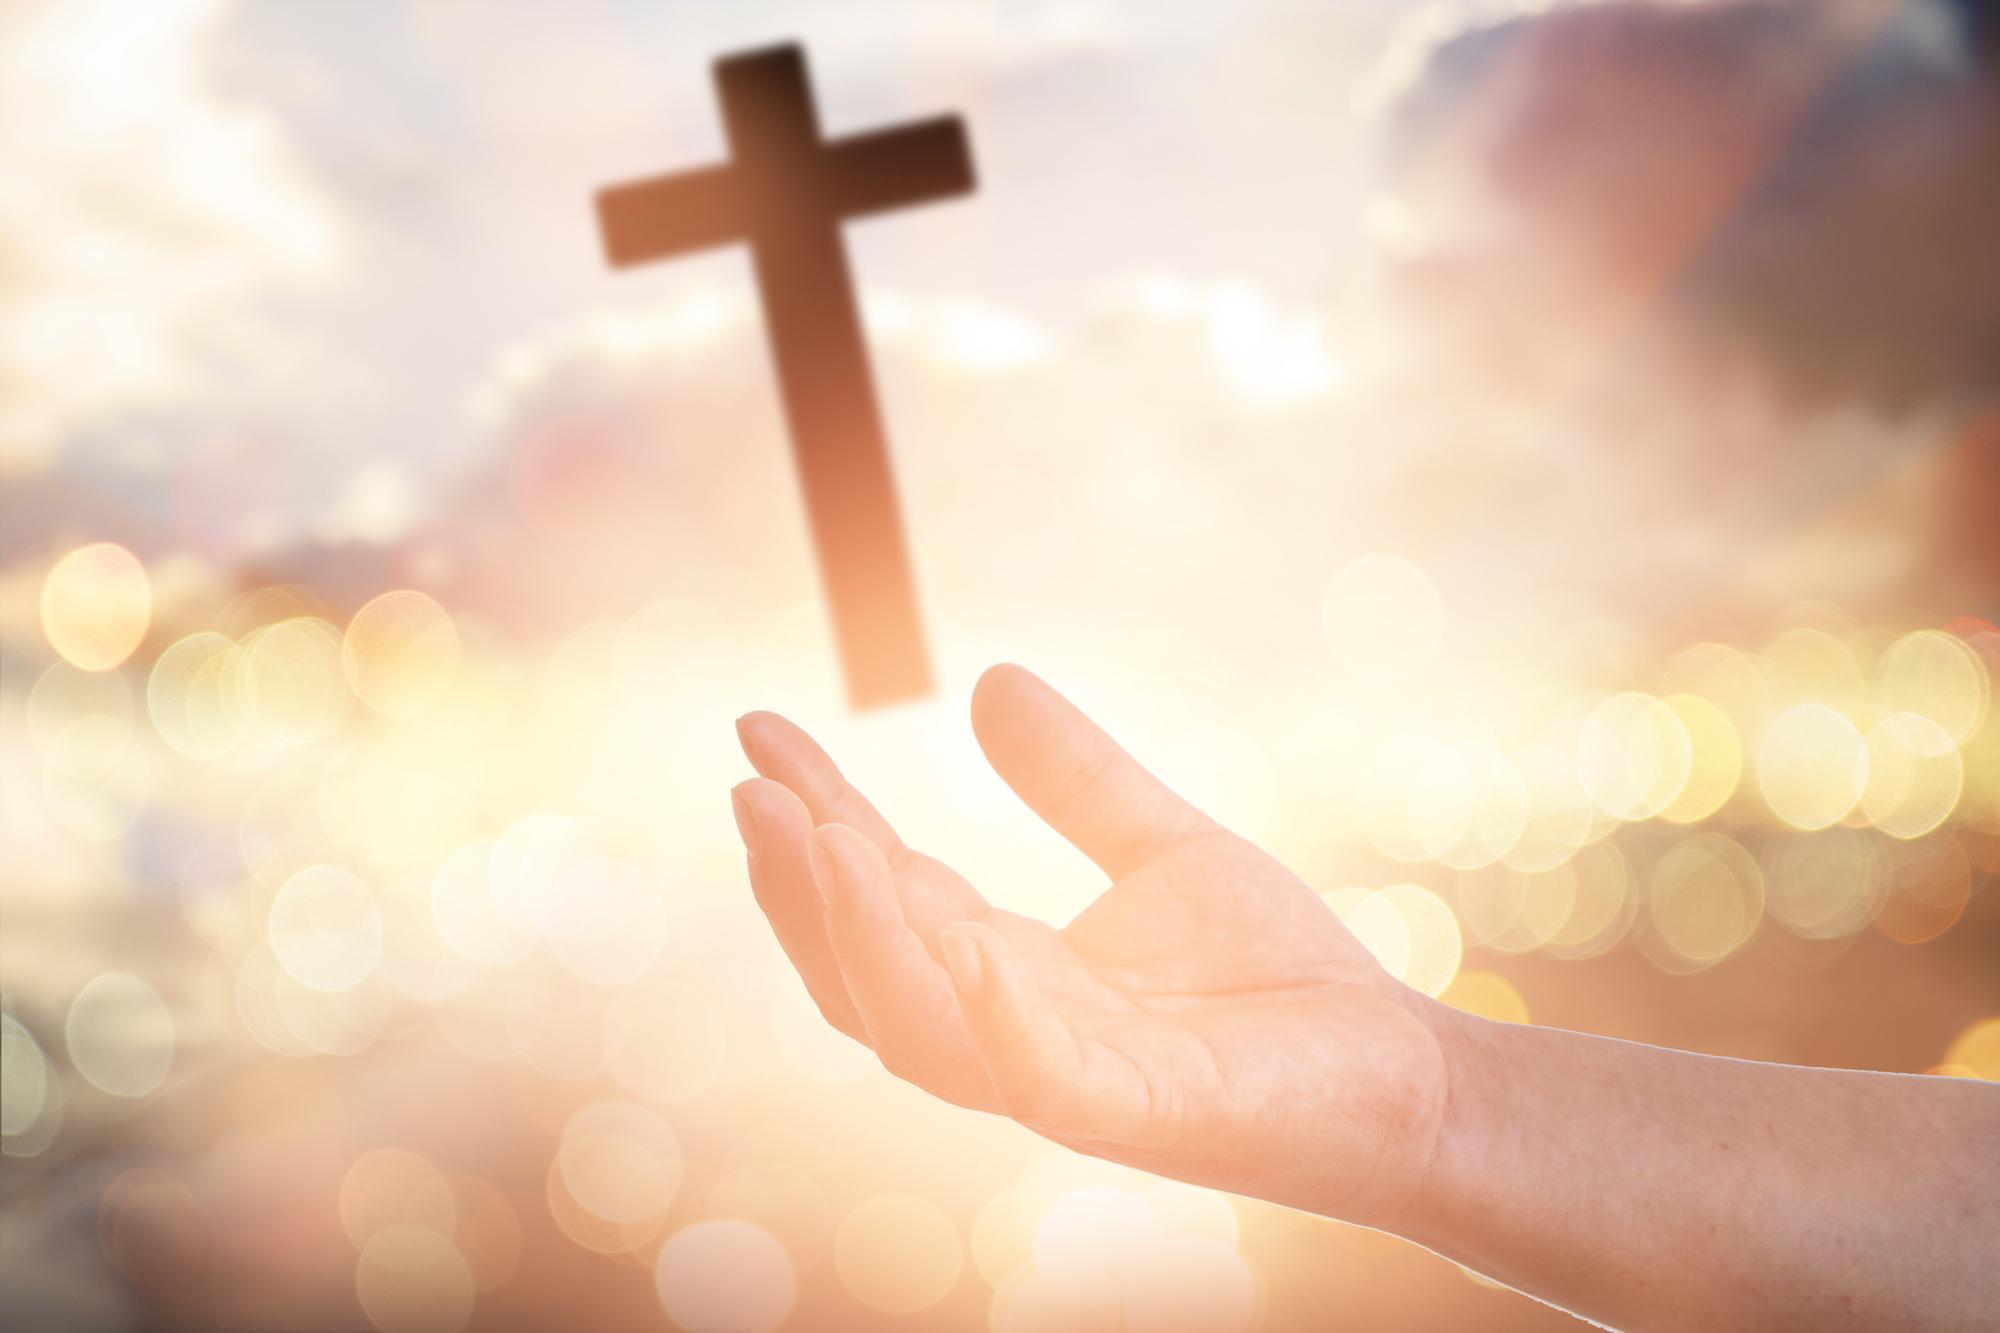 Persona Adventistas La Noticias El Espíritu Deidad SantoUna De xCWrdoBe